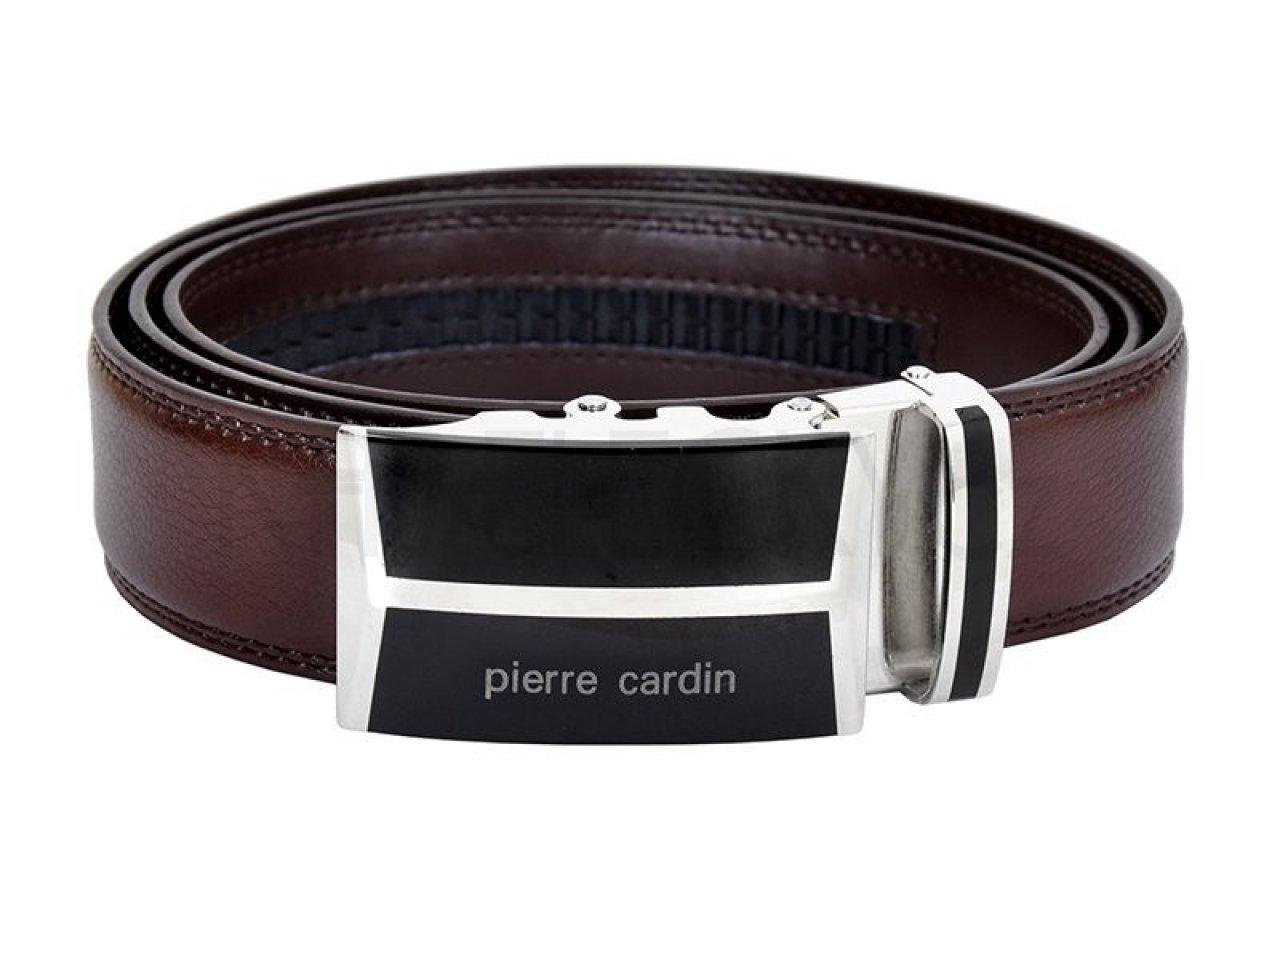 cc97ad263f4 Hnědý kožený pánský opasek Pierre Cardin 5052